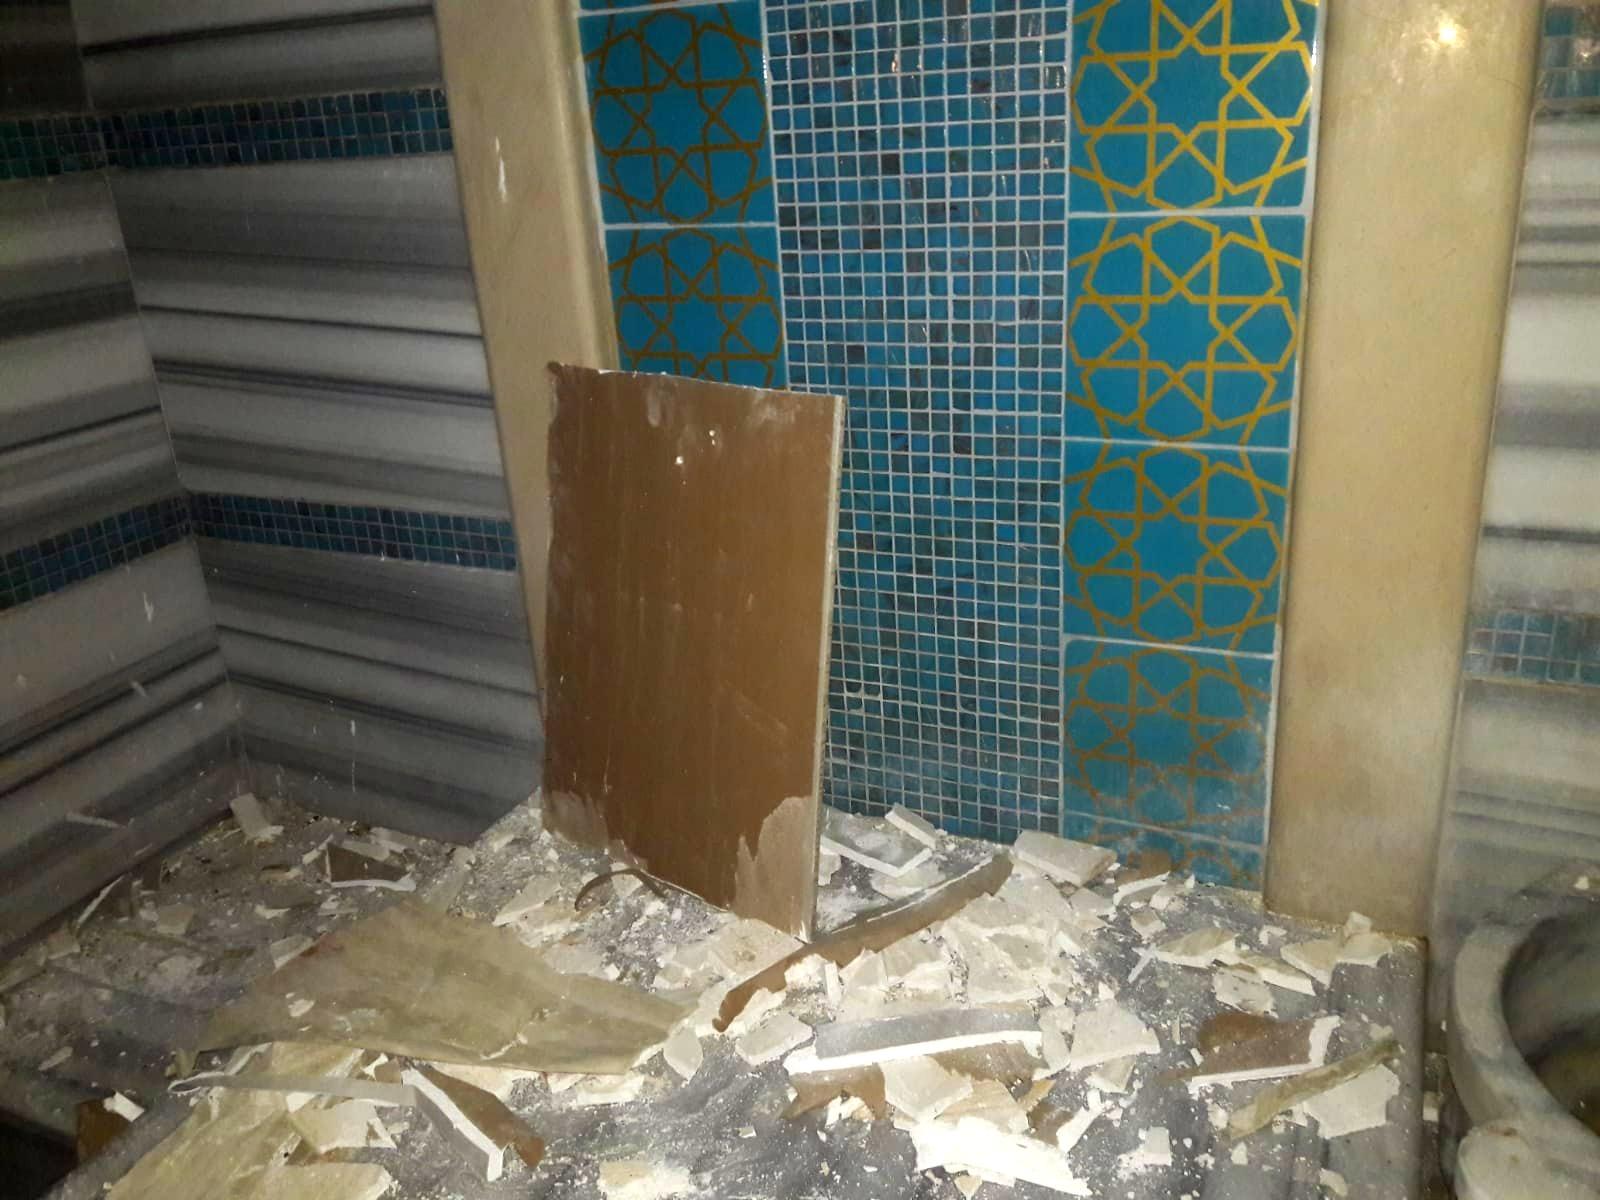 Bakımsızlıktan ve nemden çökme tehlikesi bulunan hamam tavan tamiri yapıldı